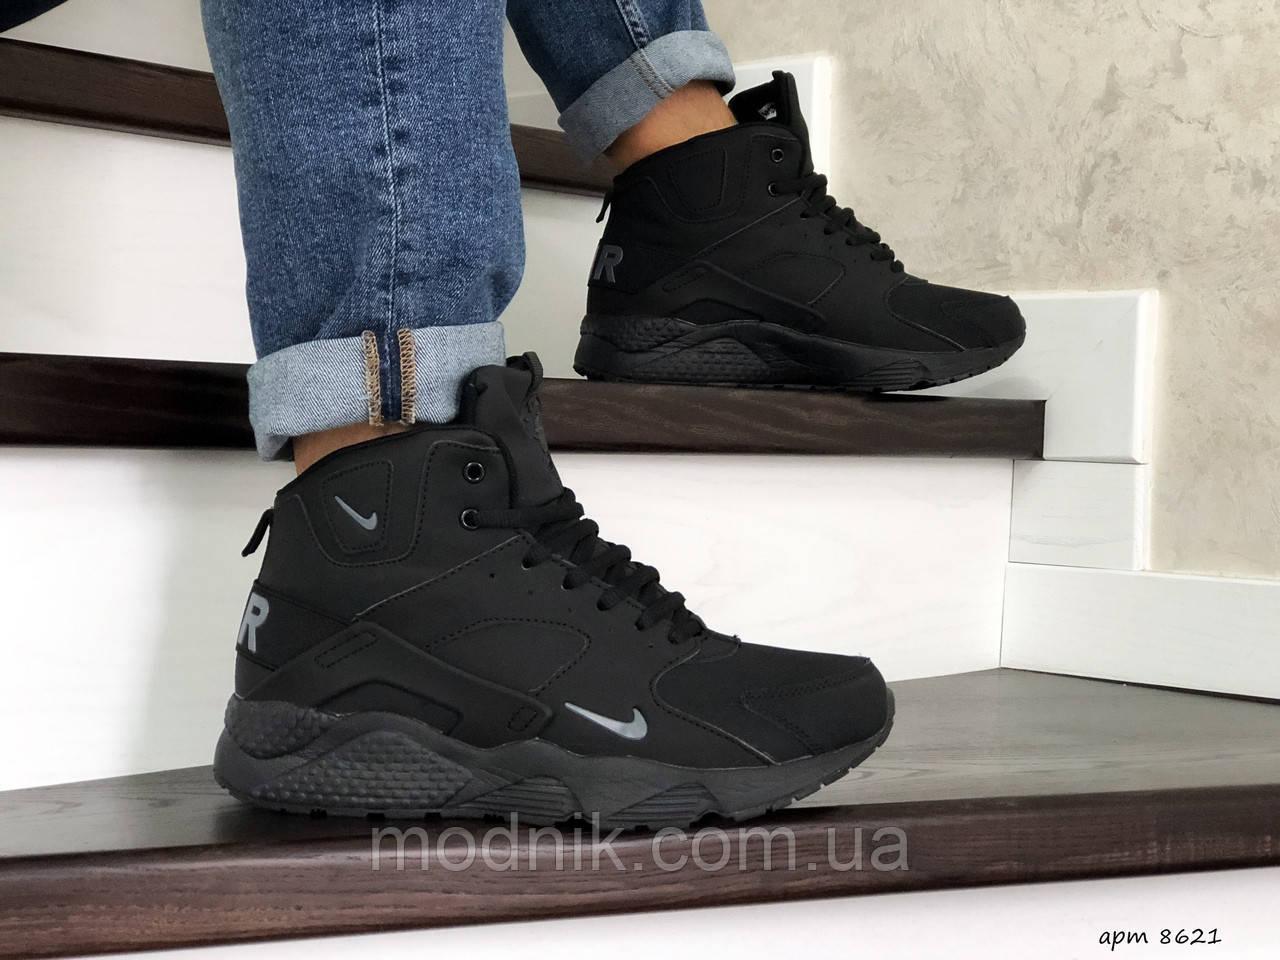 Мужские зимние кроссовки Nike Air Huarache (черные)